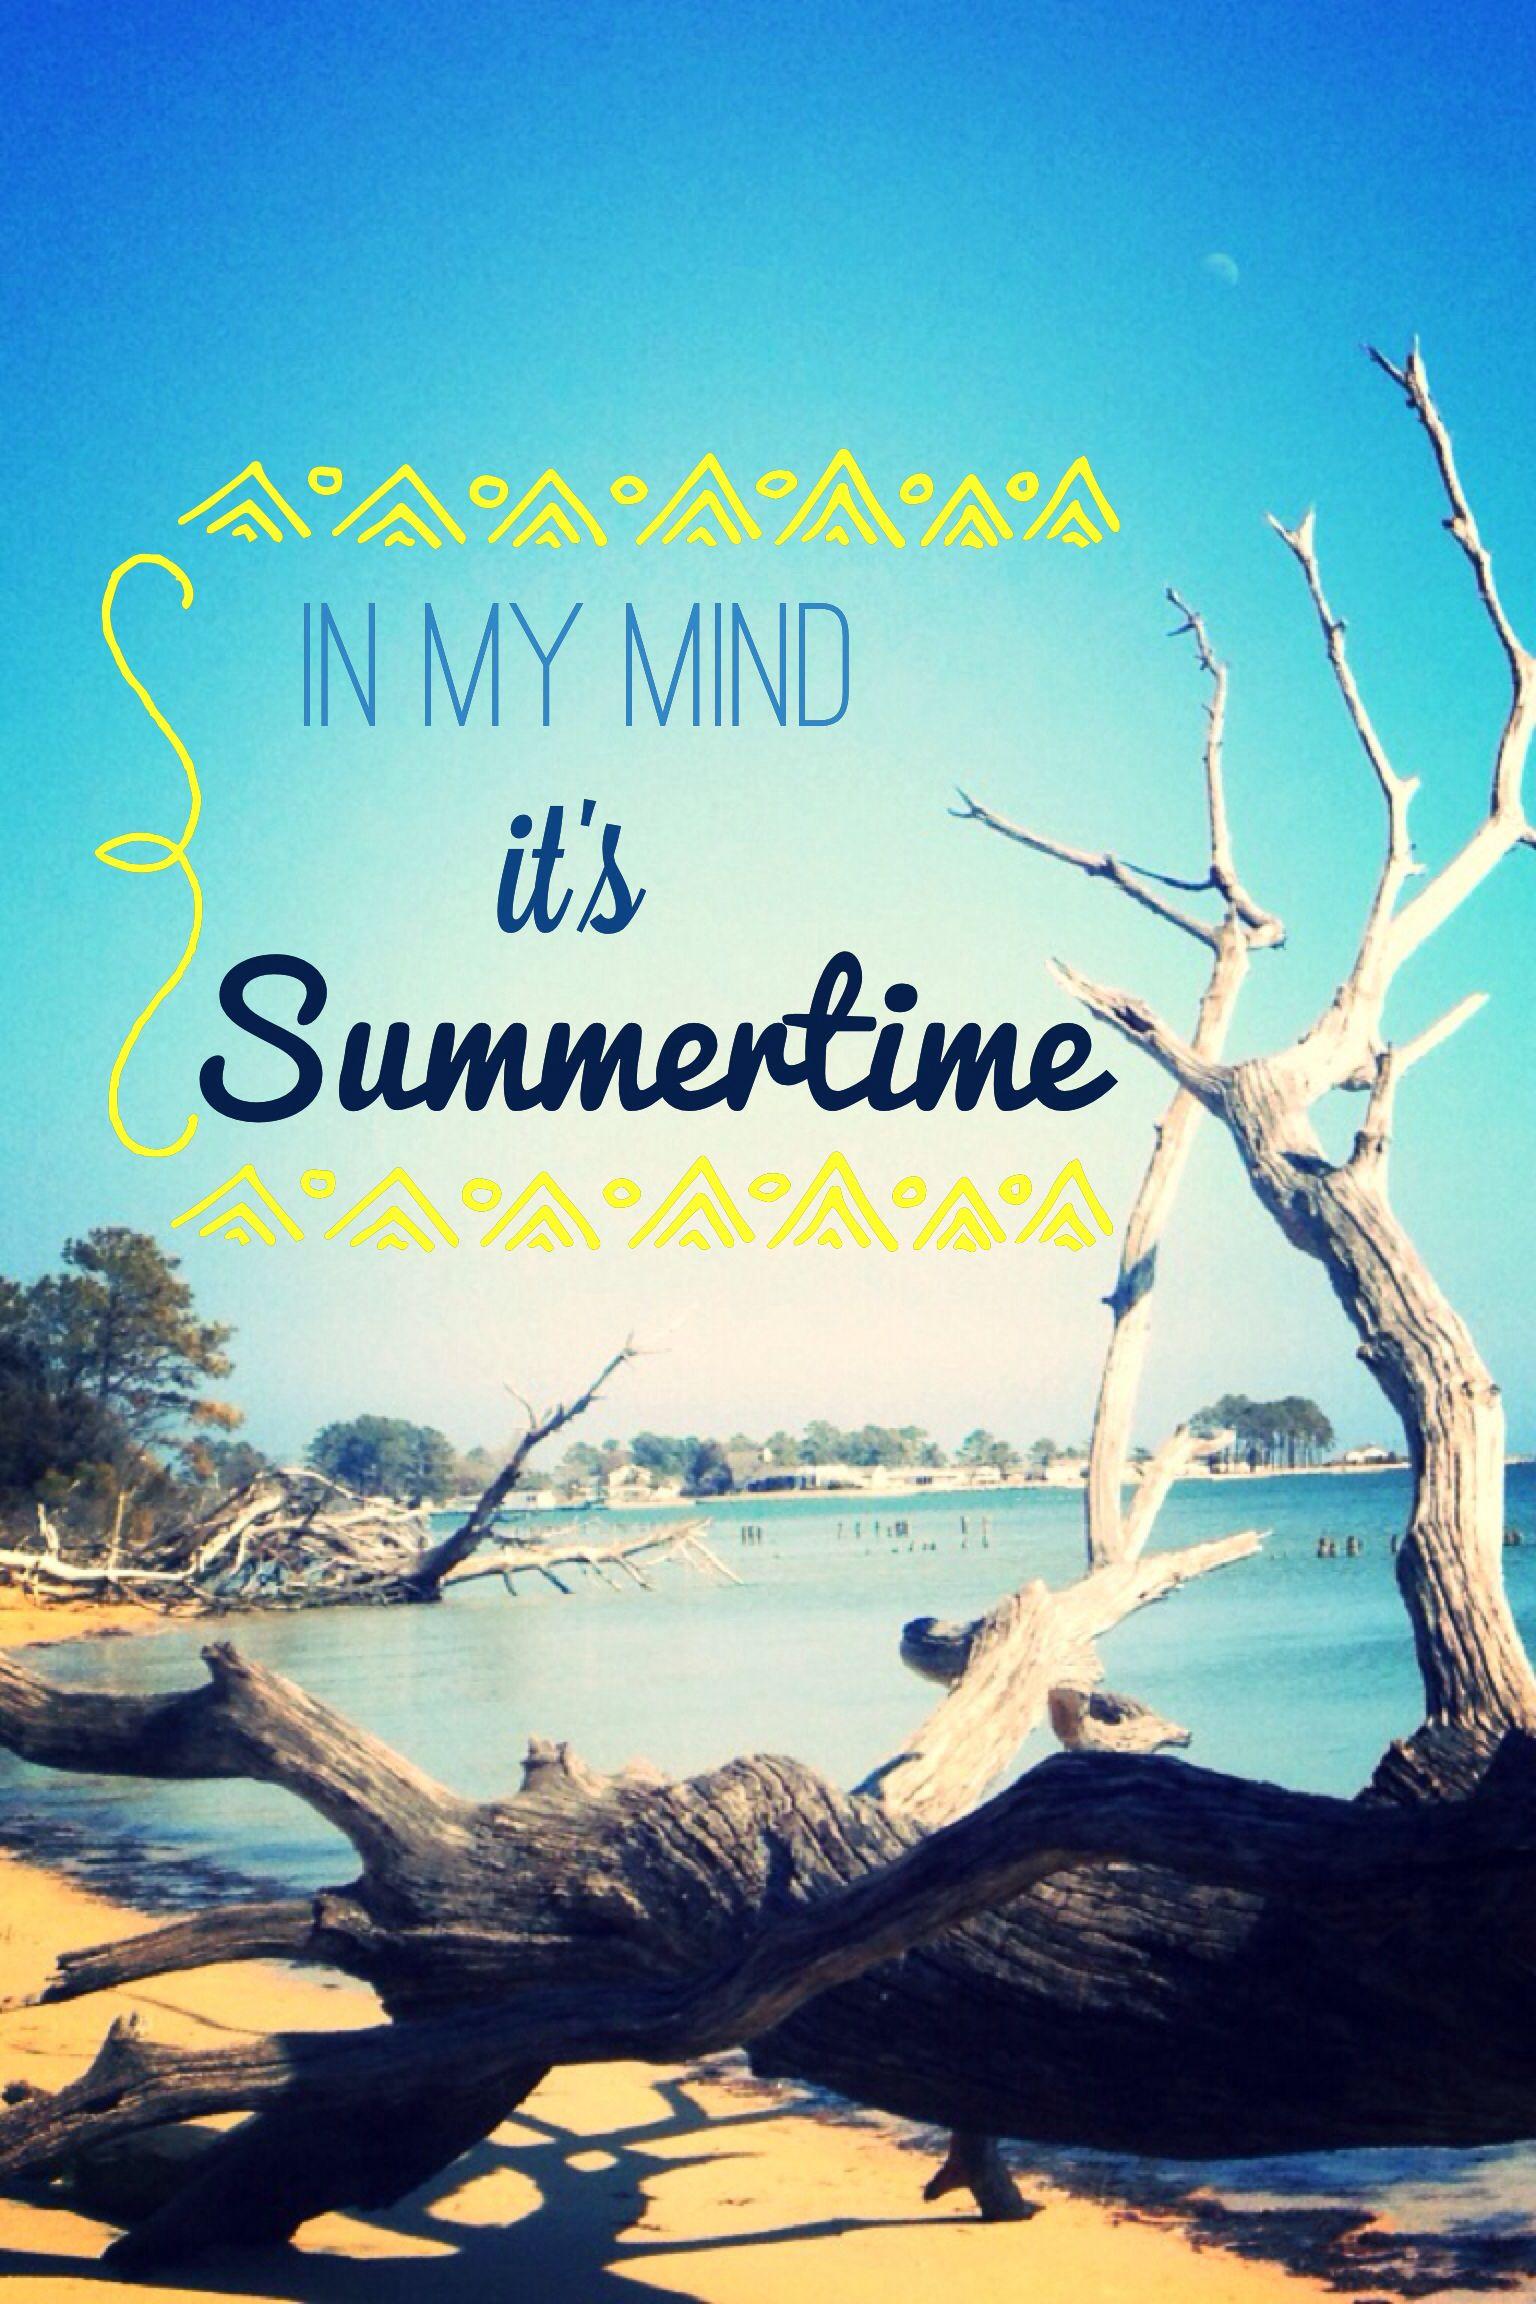 Summertime Iphone Wallpaper Summertime Iphone Wallpaper Poster